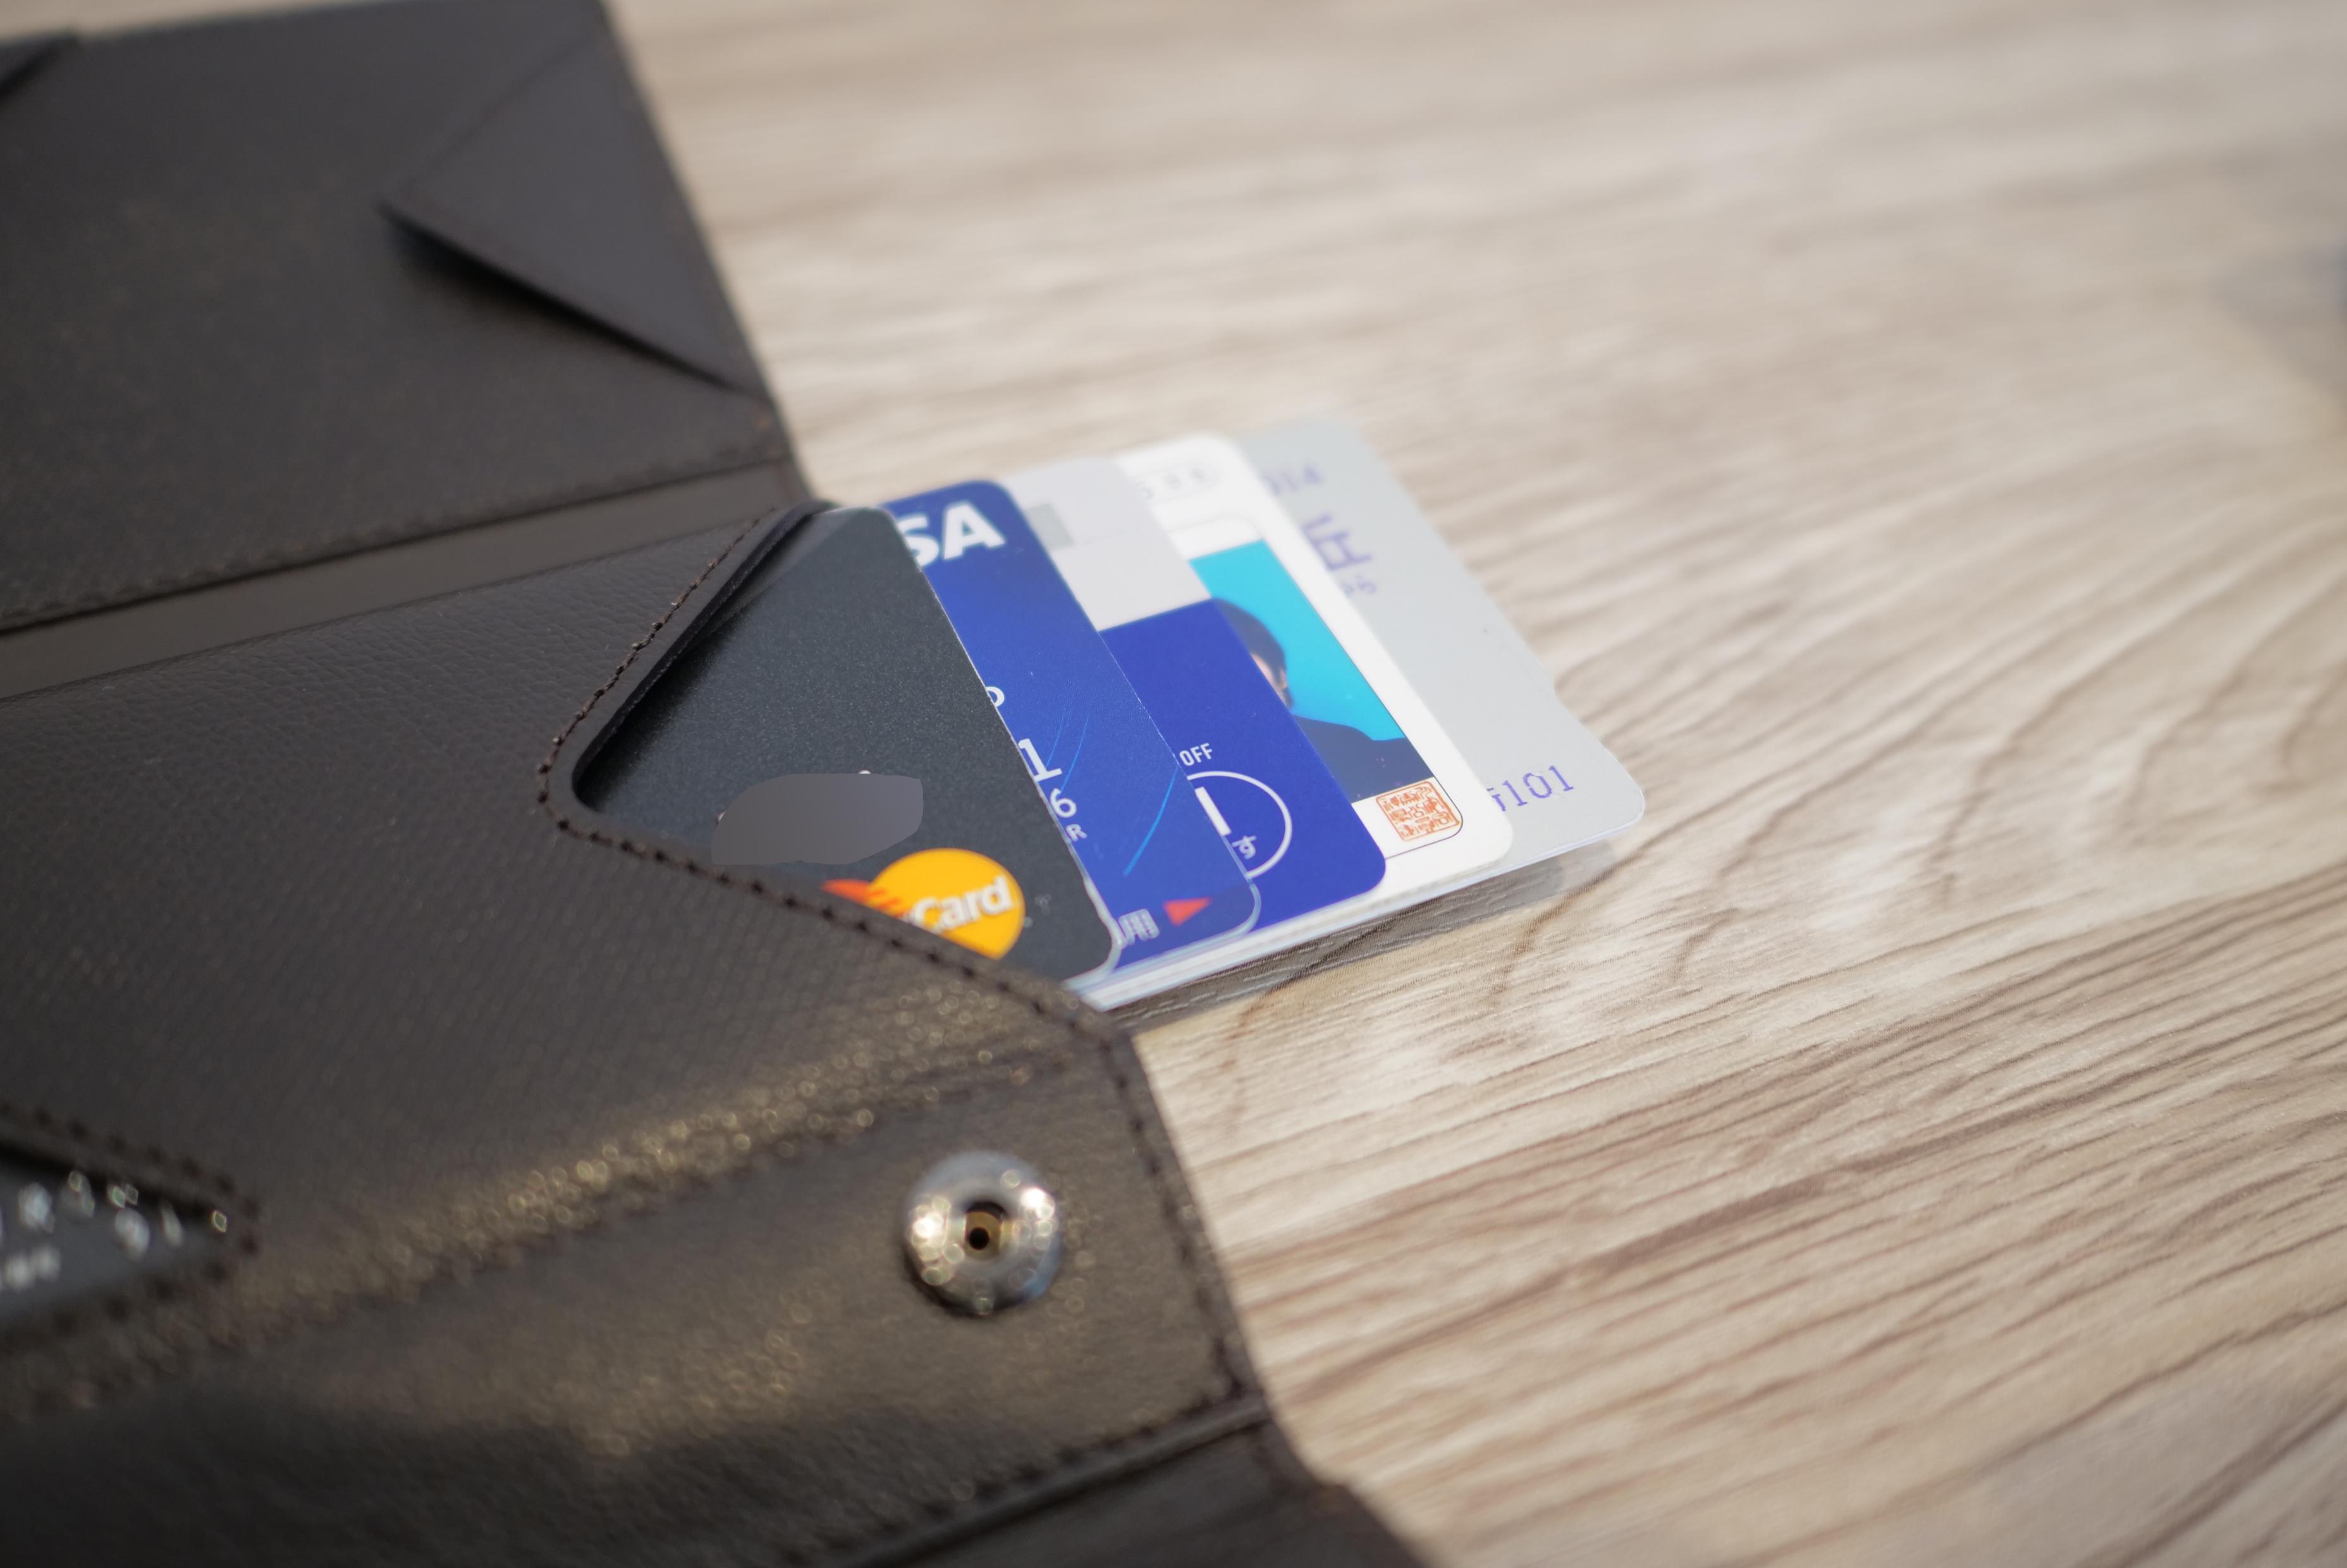 アブラサスの薄い財布カードいれた状態